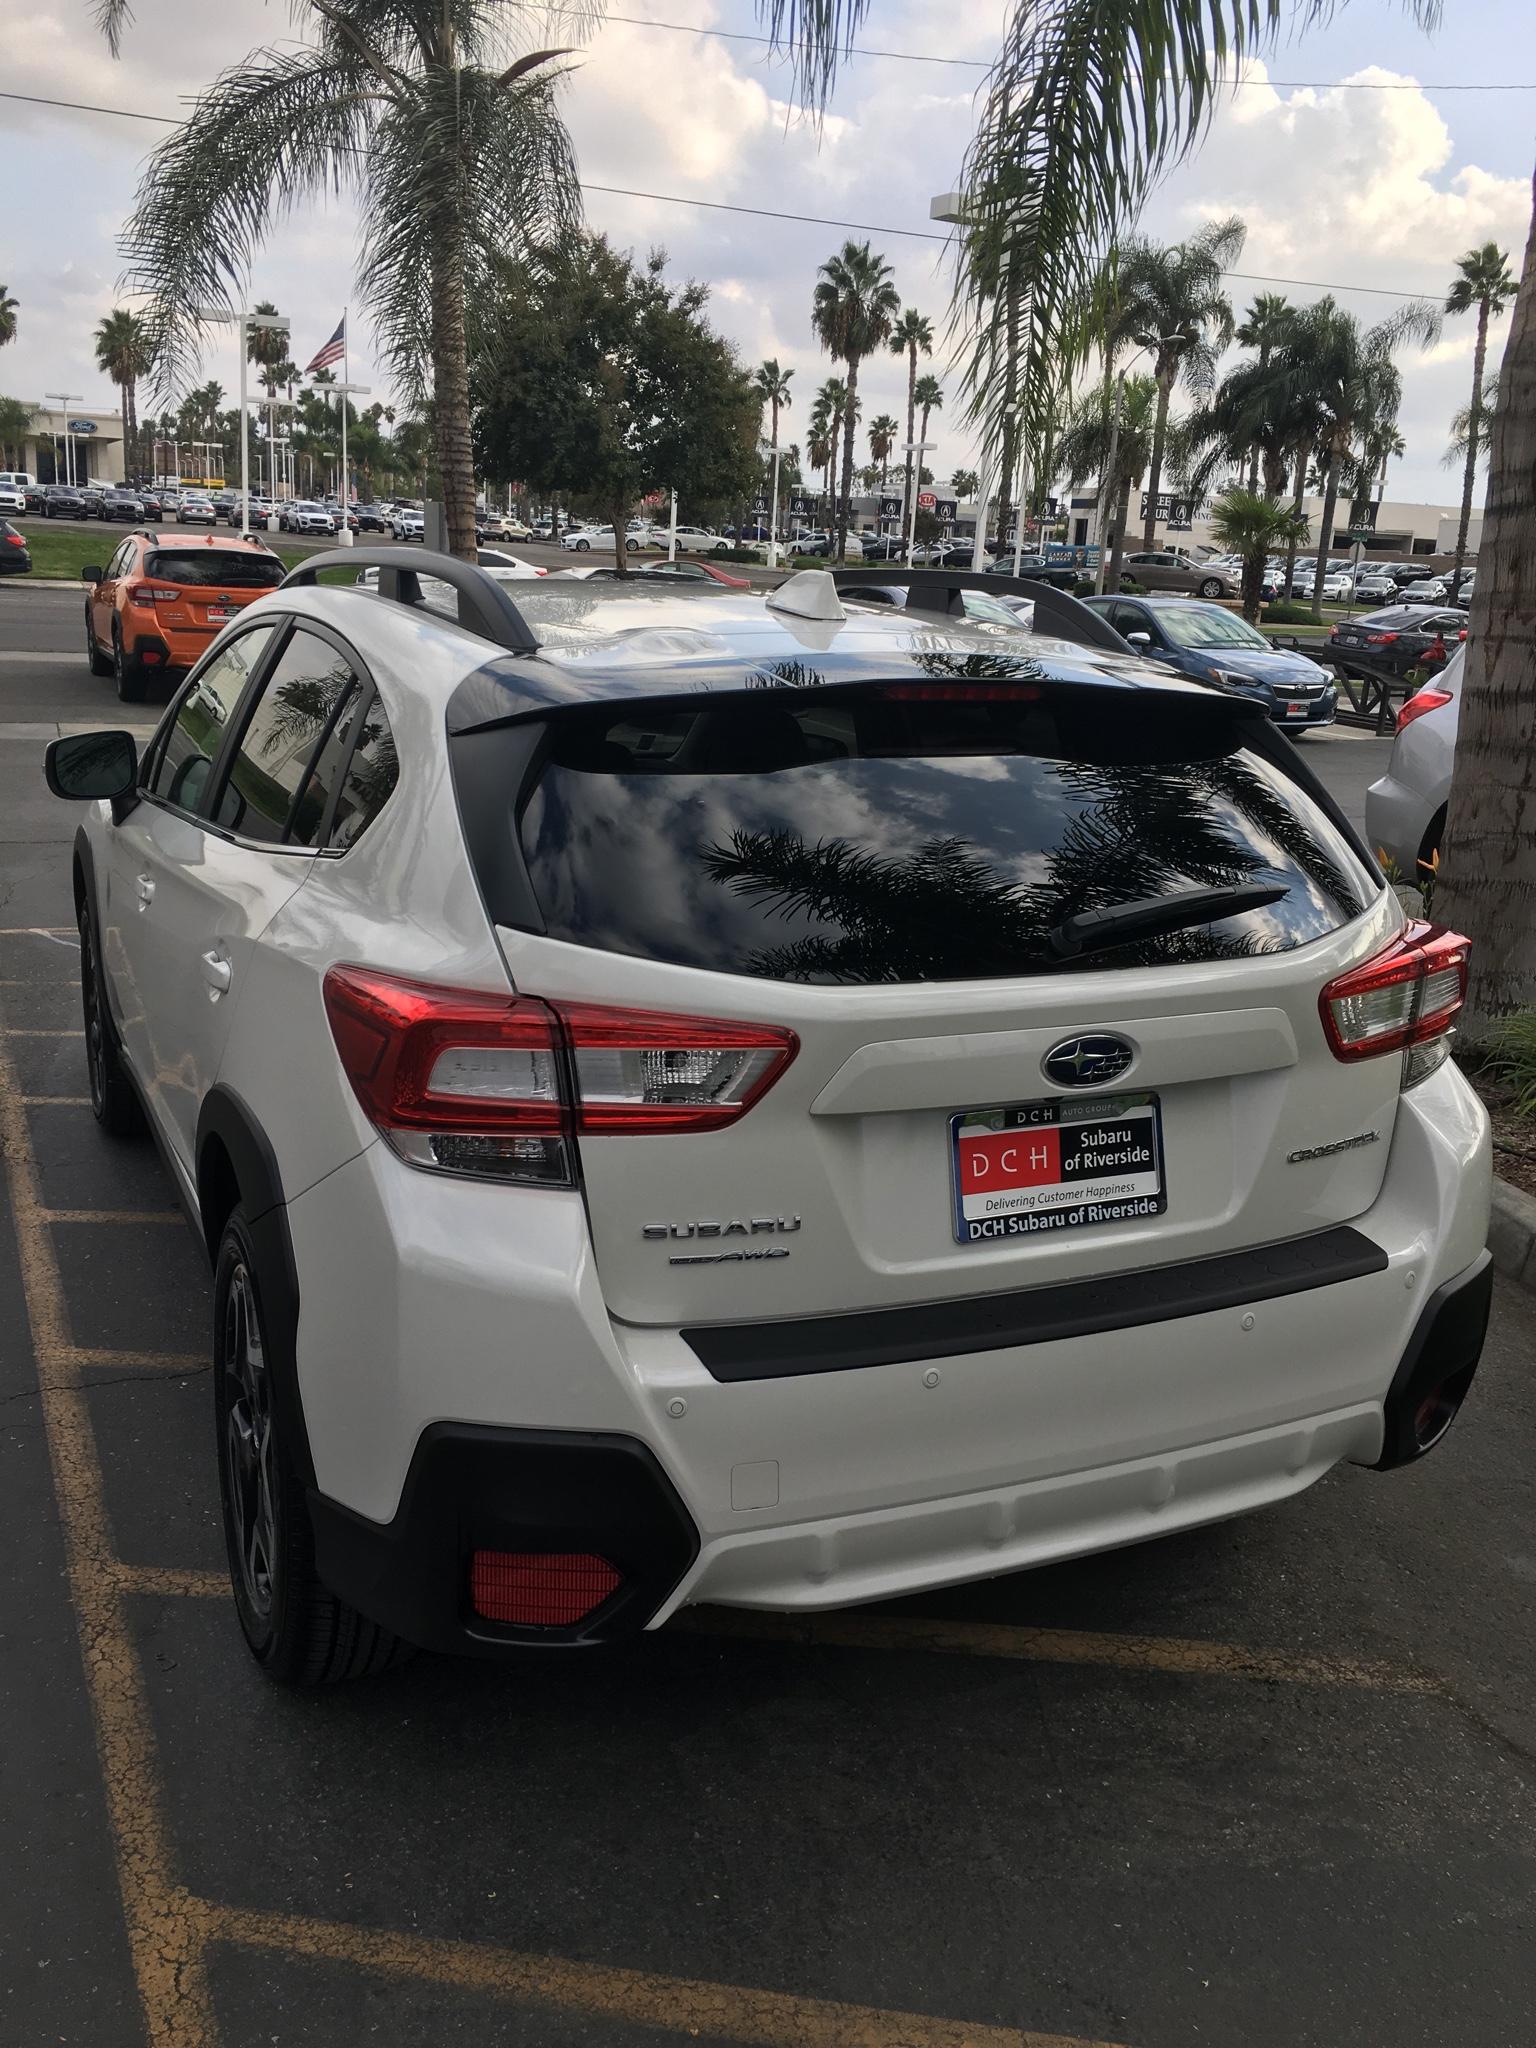 2019 Crosstrek Ltd White Club Crosstrek Subaru Xv